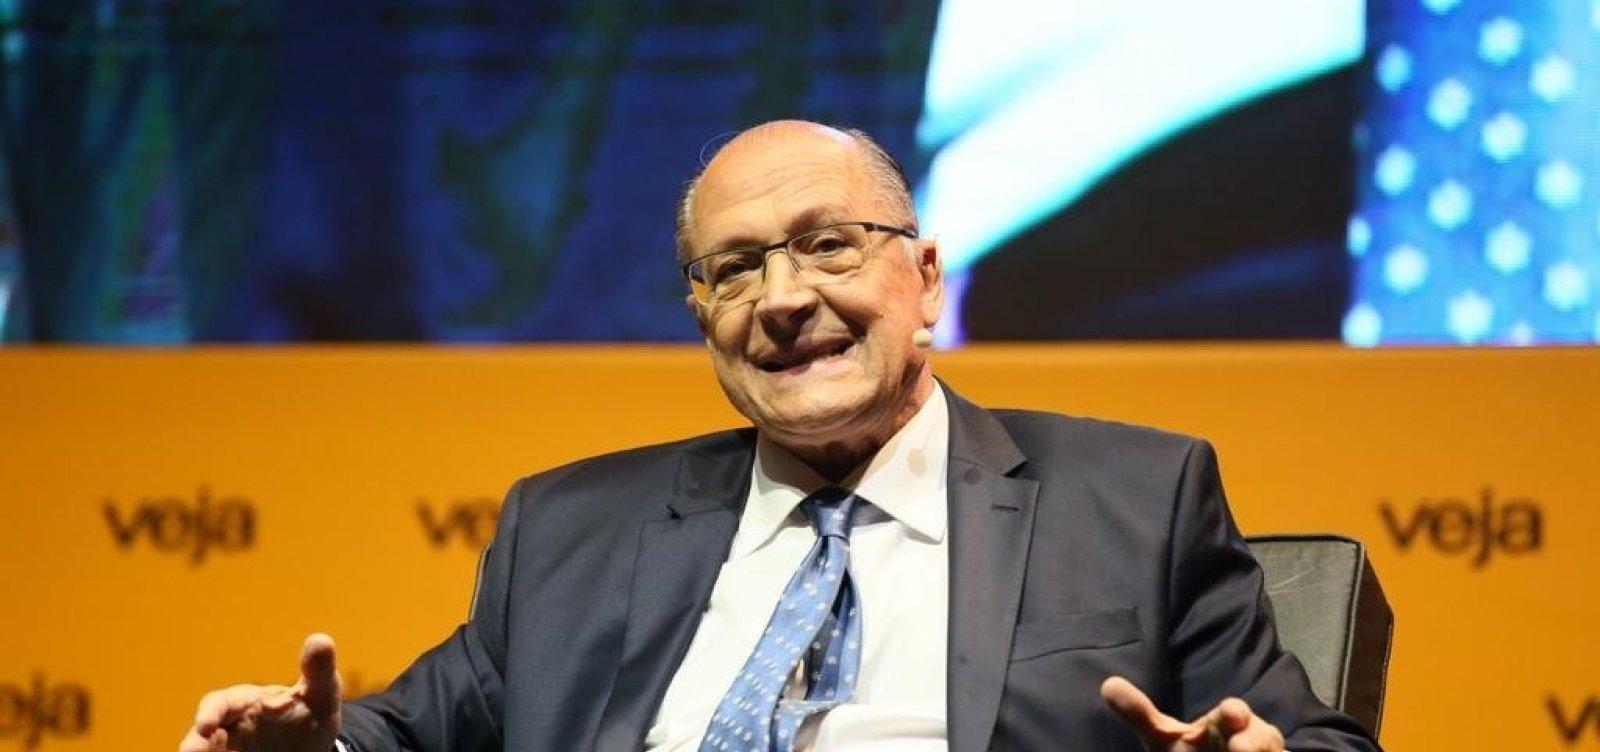 Alckmin leva à TV campanha de mulheres e prega voto útil para vencer PT